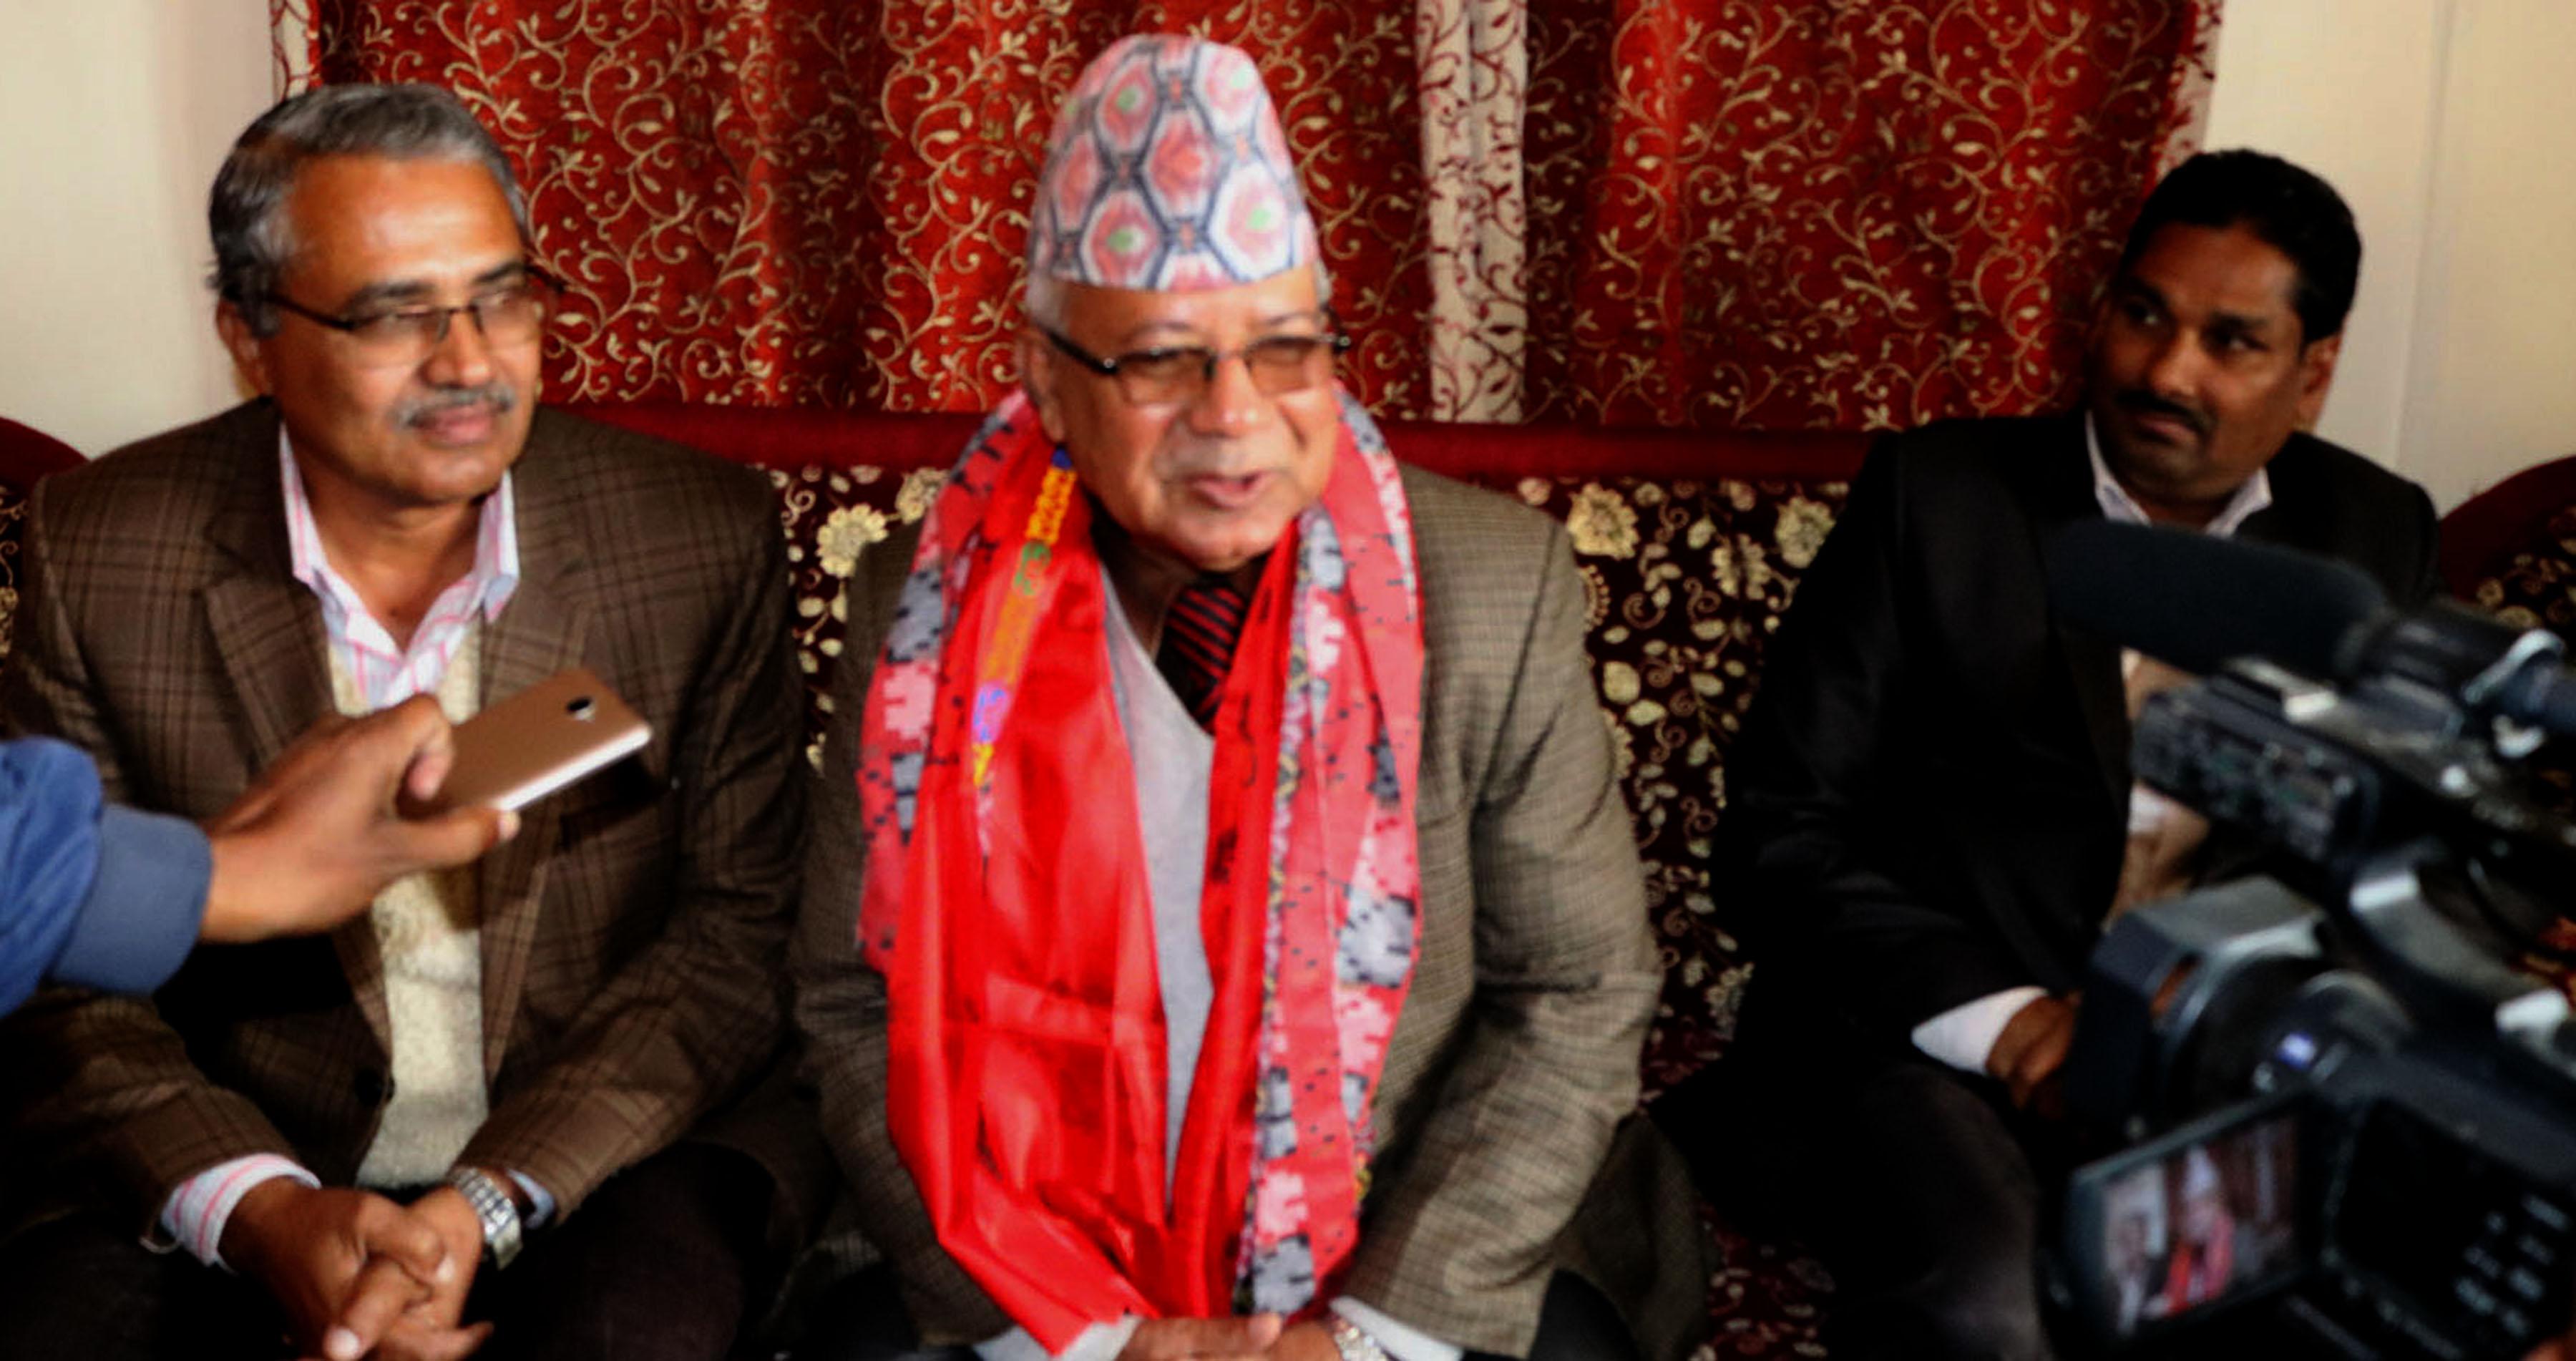 जबजको उपदेयता अझै रहेको छ - नेपाल